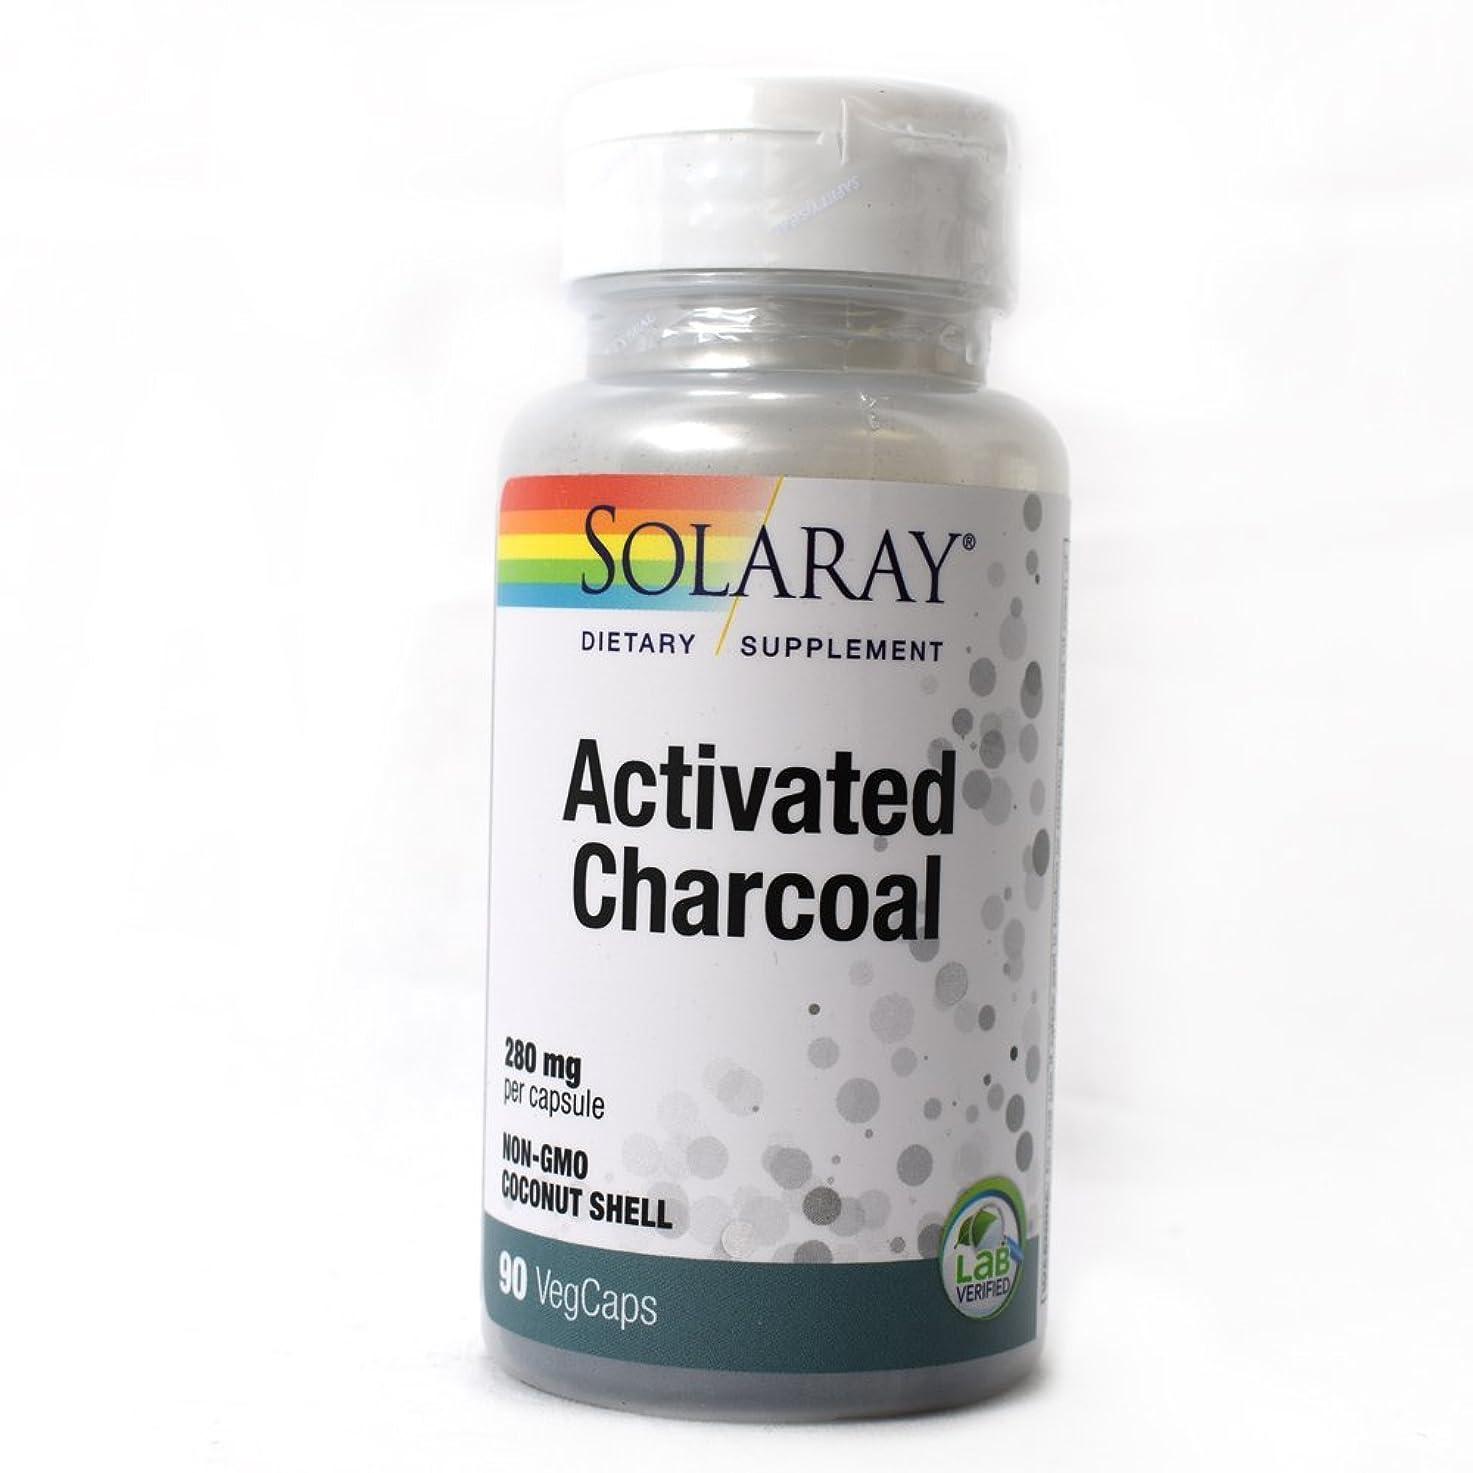 申請者差別オリエントSolaray - 活動化させた木炭 280 mg。90カプセル